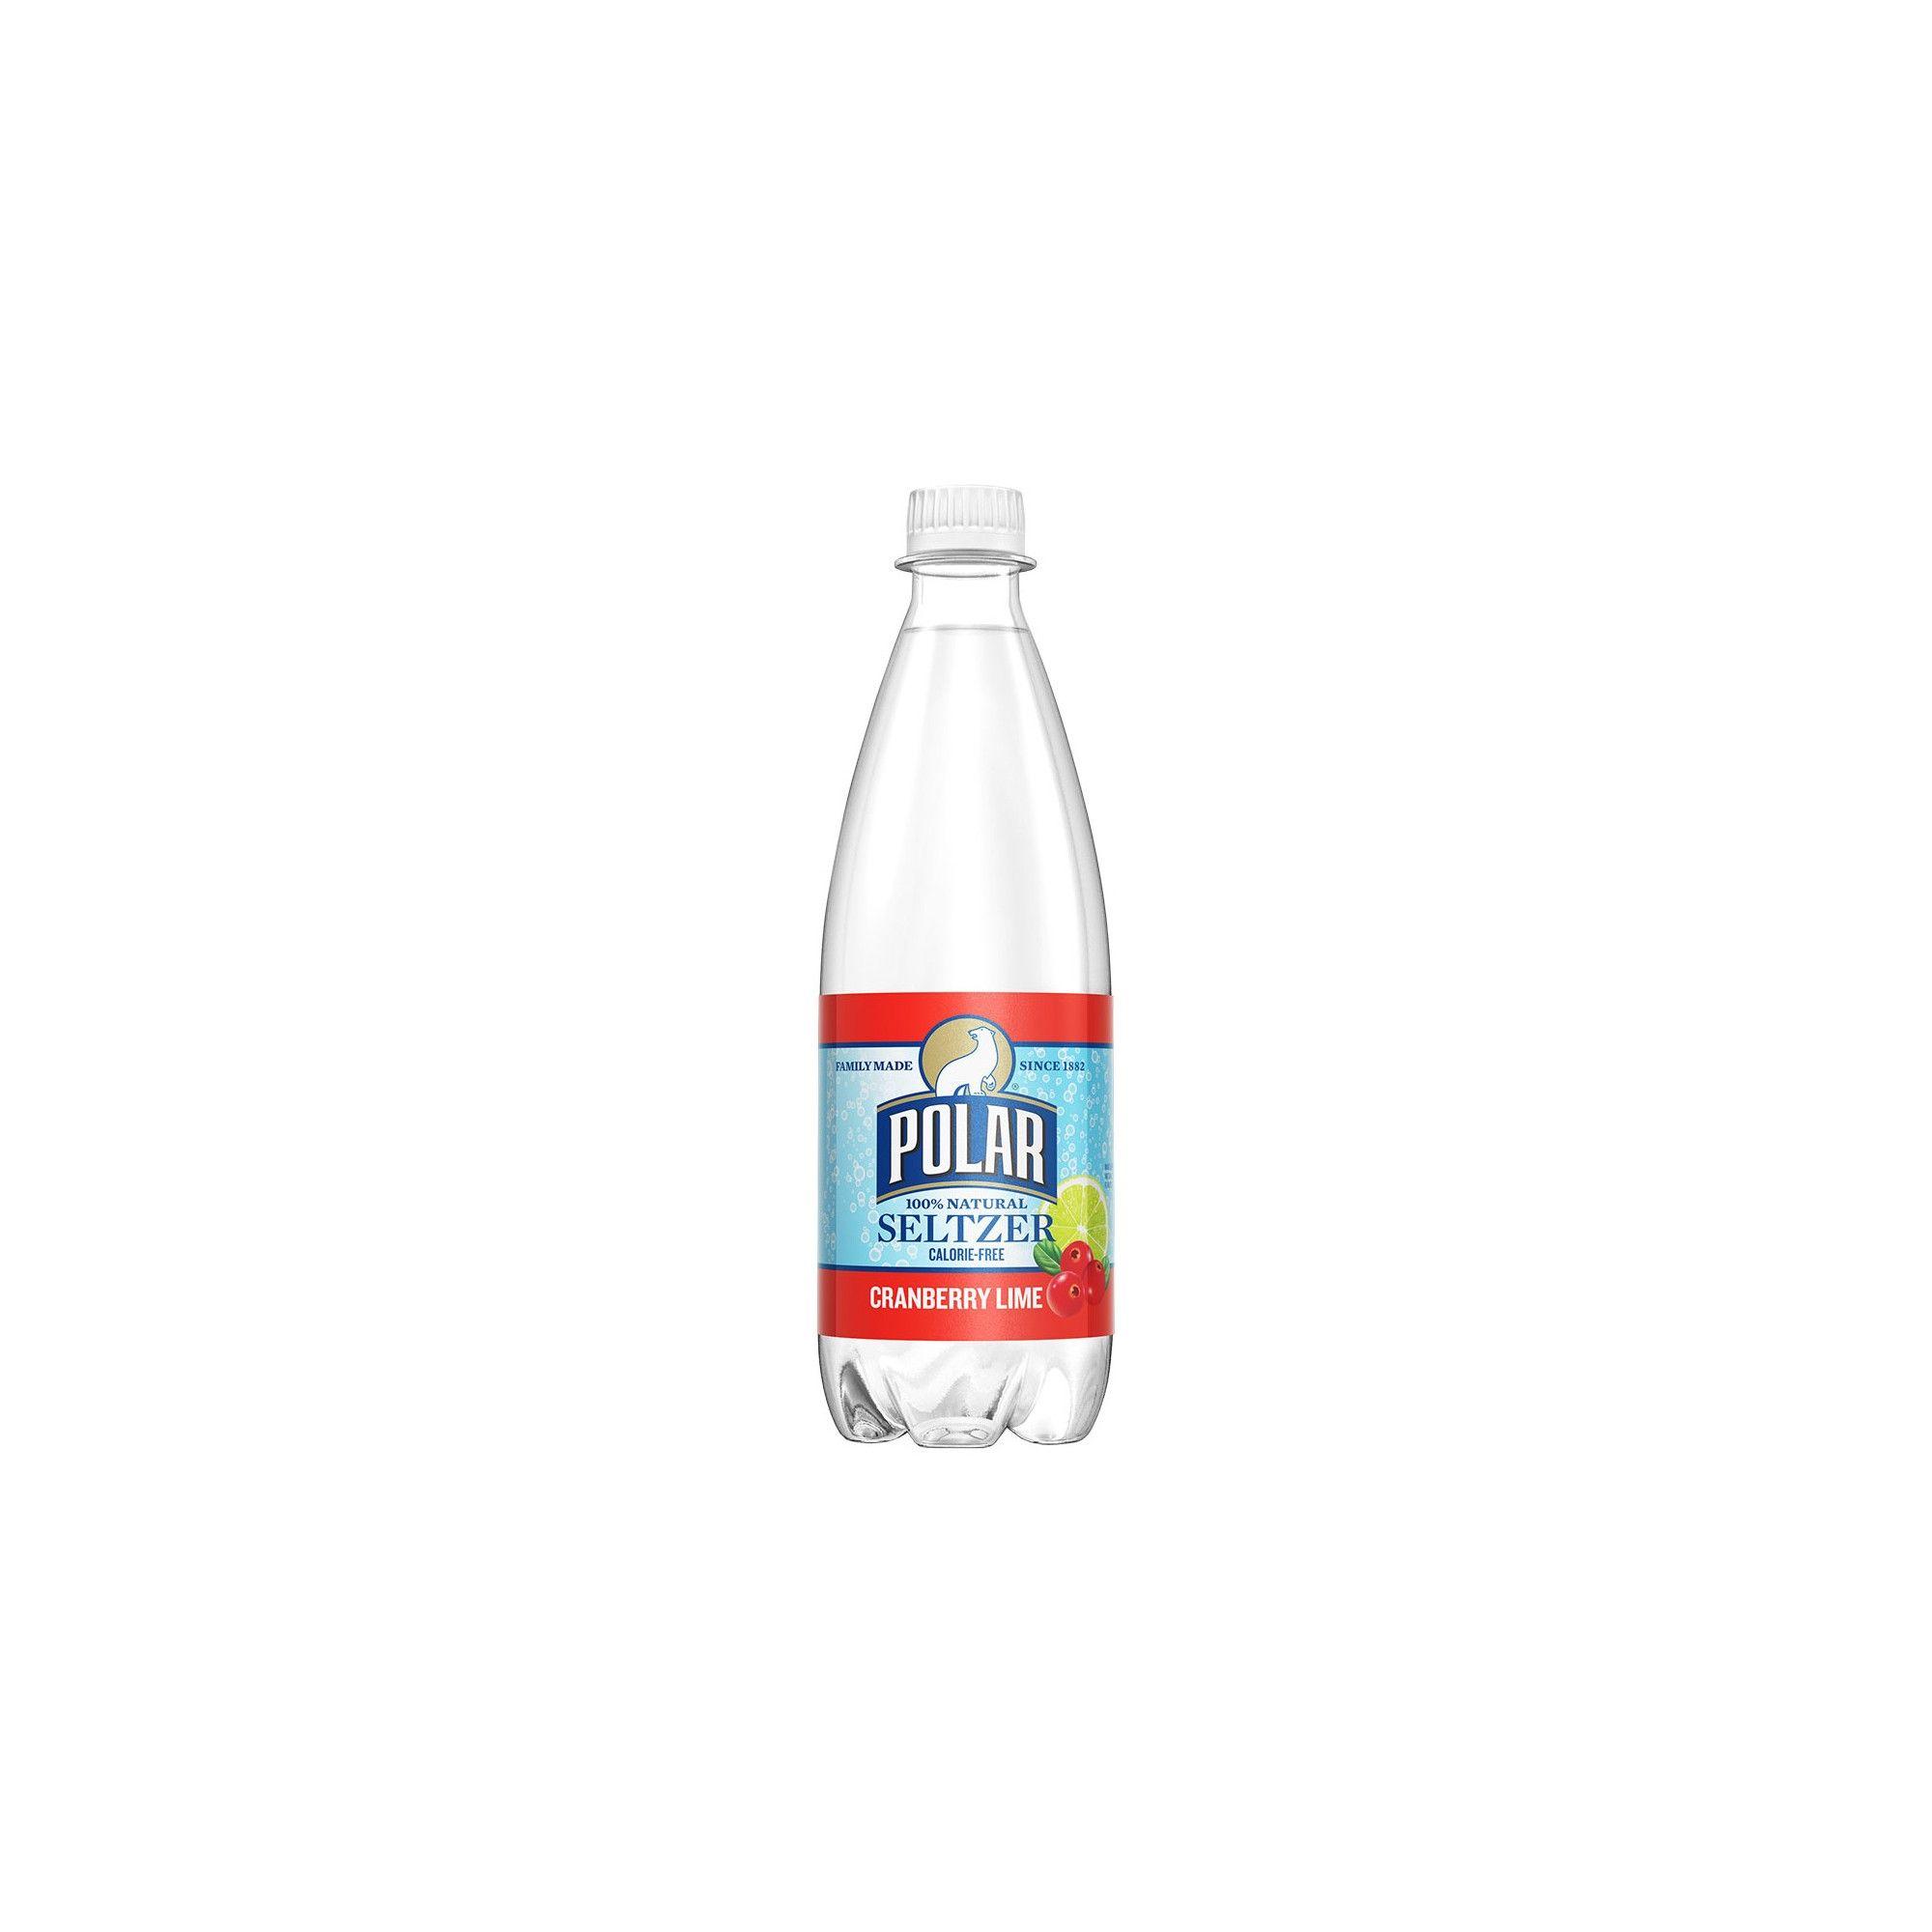 Polar Seltzer Water Cranberry Lime 20 Fl Oz Bottle In 2020 Seltzer Water Bottle Seltzer